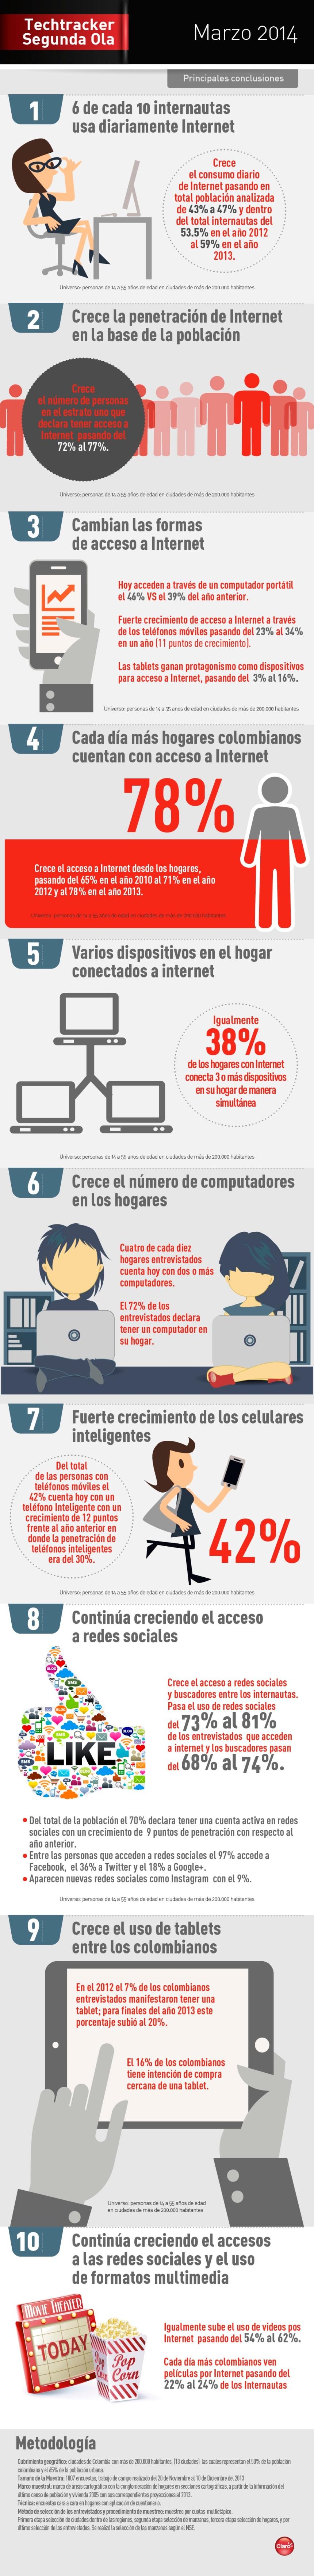 Conectividad y uso de Internet en Colombia